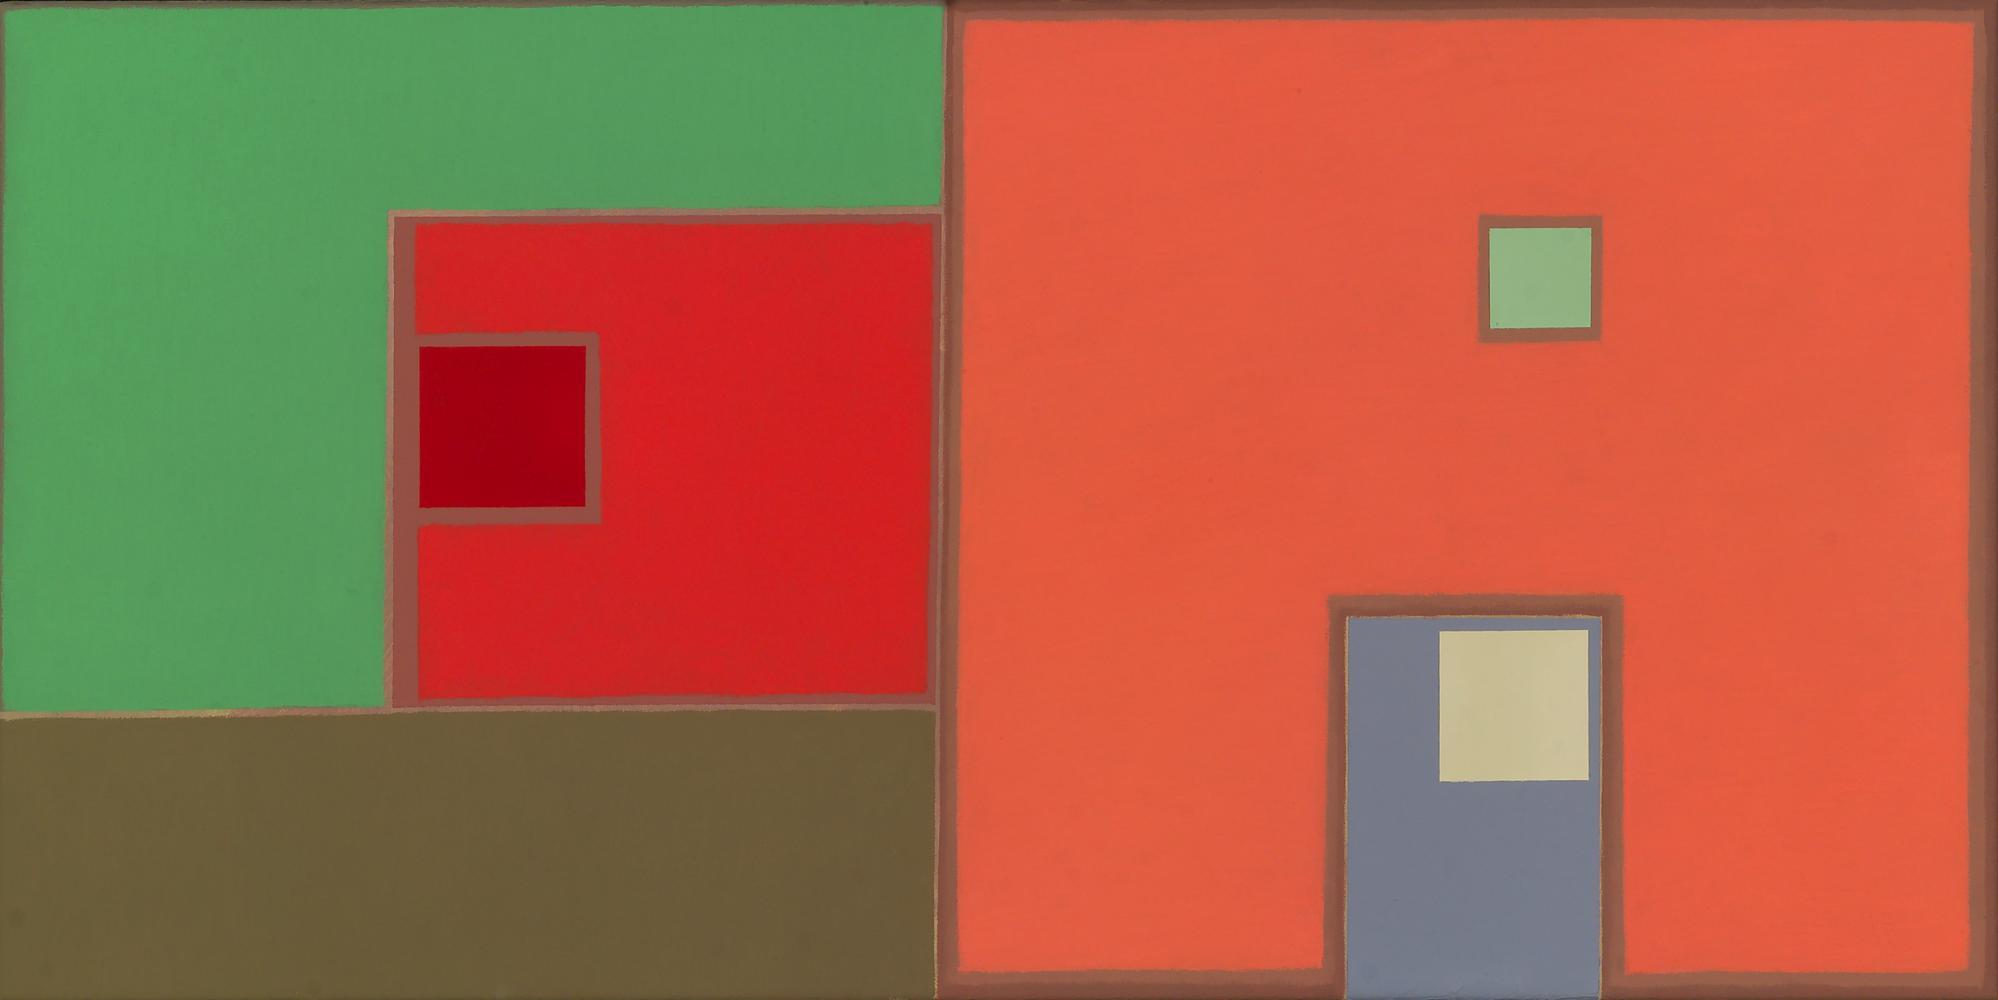 Sin título, 30 x 60 cm, óleo lienzo, 2007.